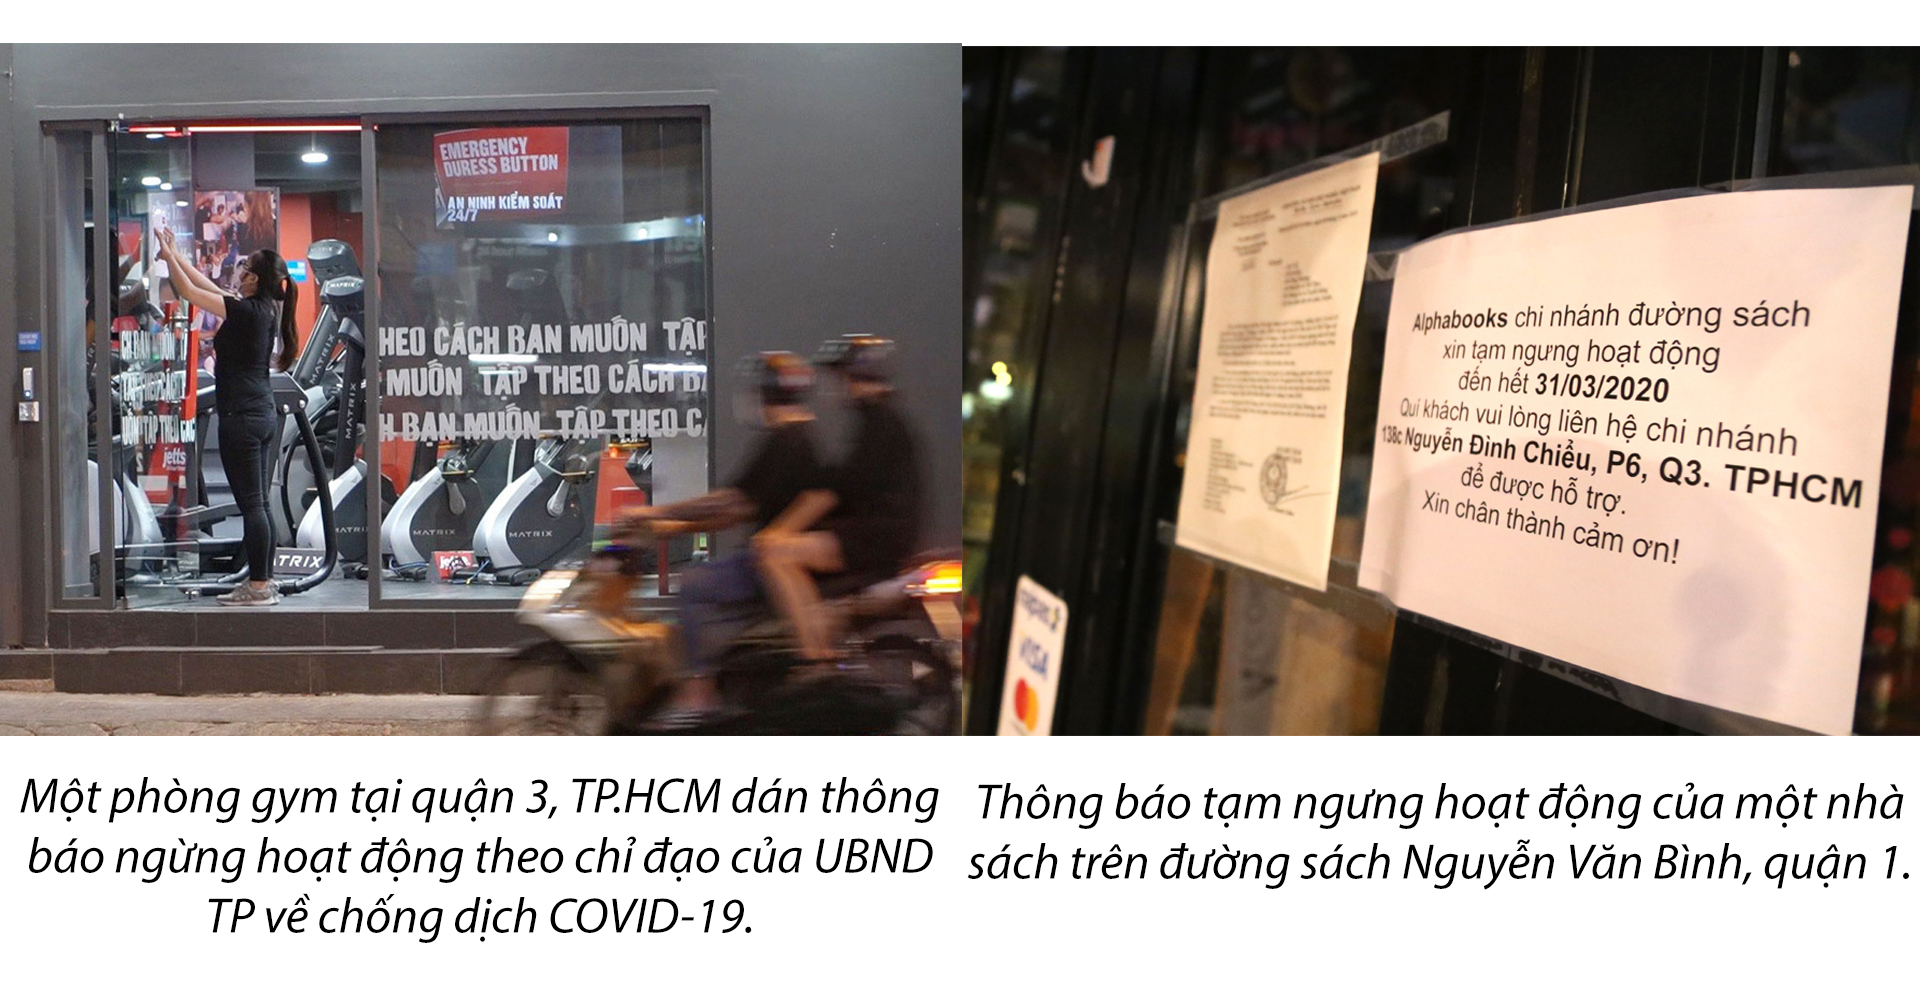 5 nỗ lực lớn của TP.HCM trong phòng, chống COVID-19 - ảnh 4